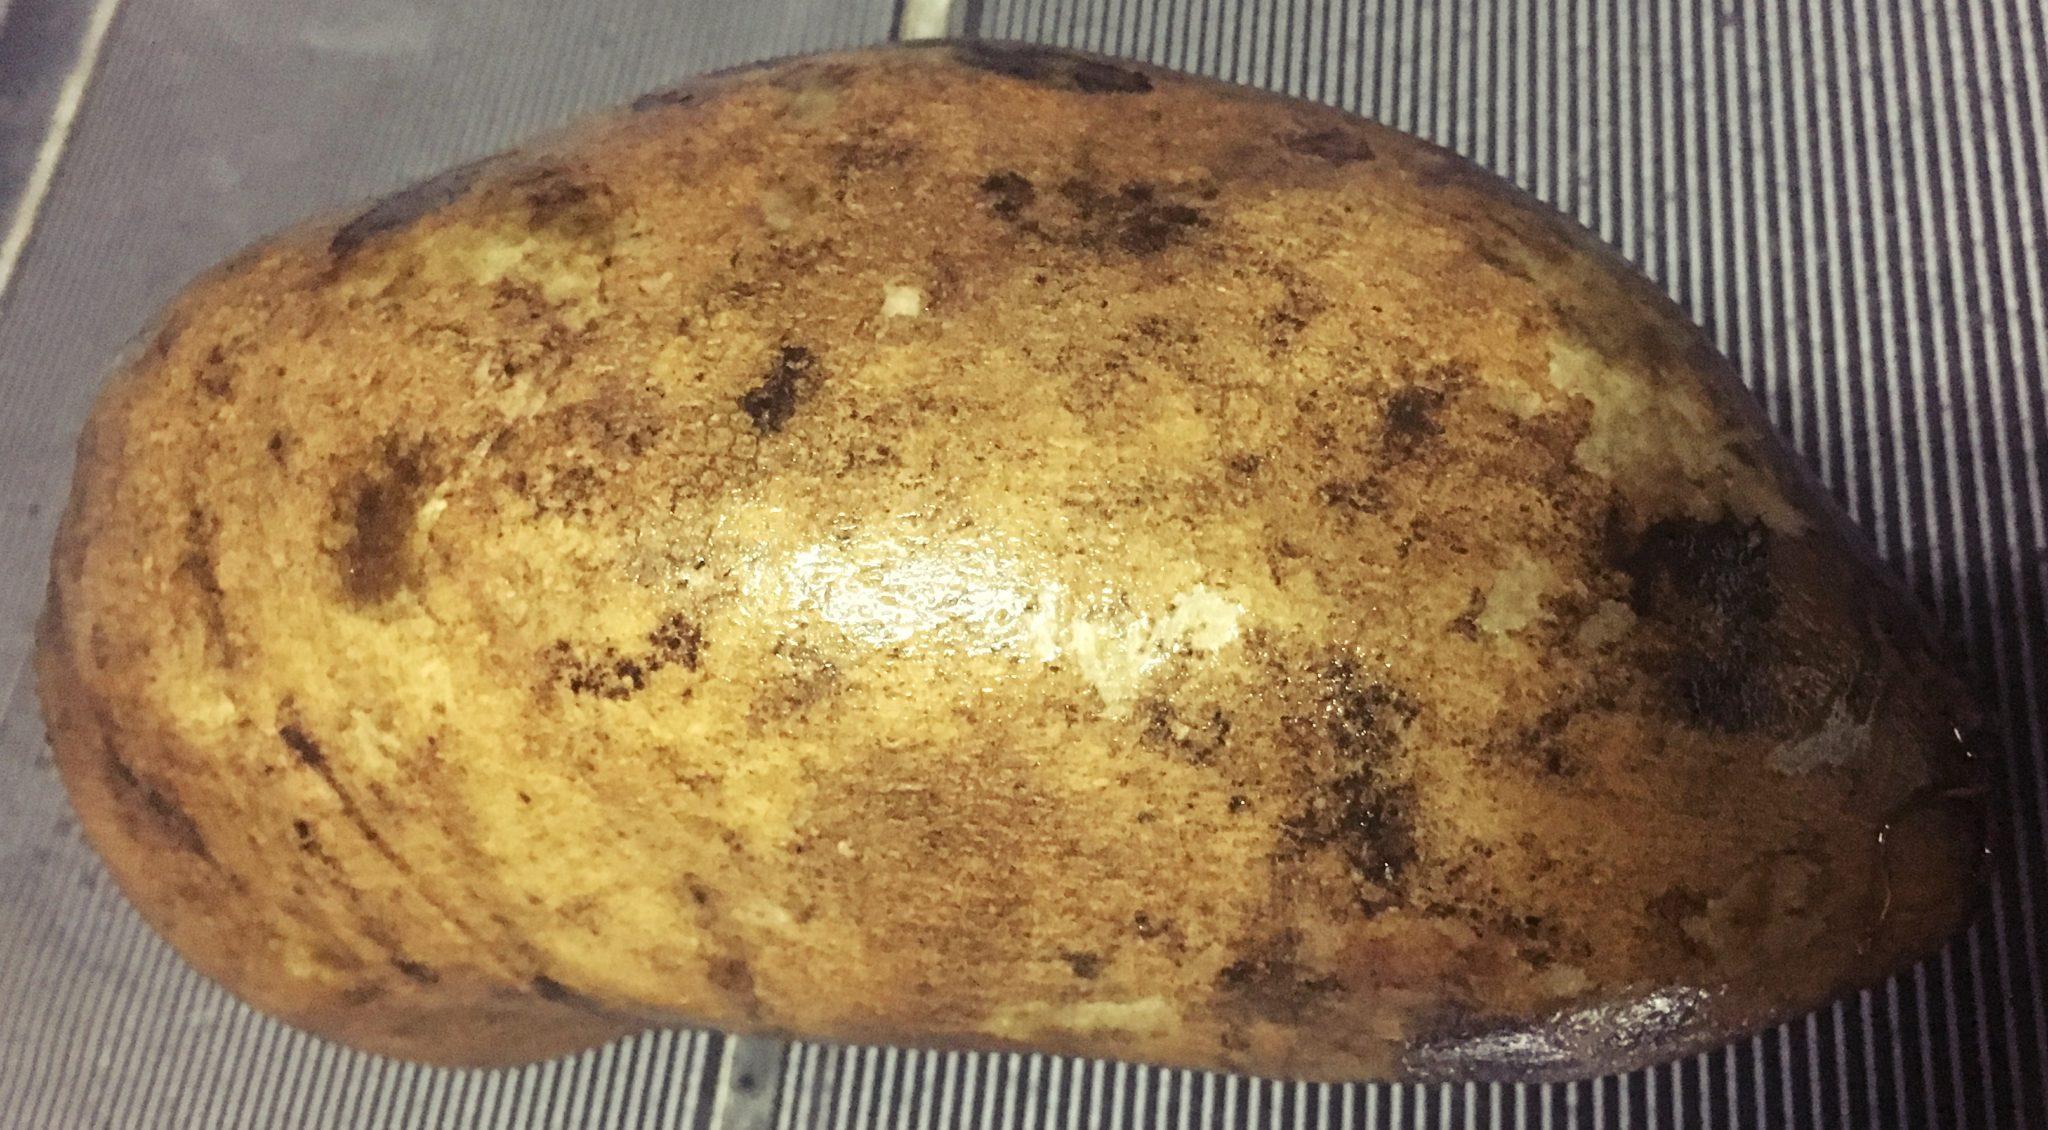 ペルー, 野菜, 芋, スーパーフード, Yacón, ヤコン